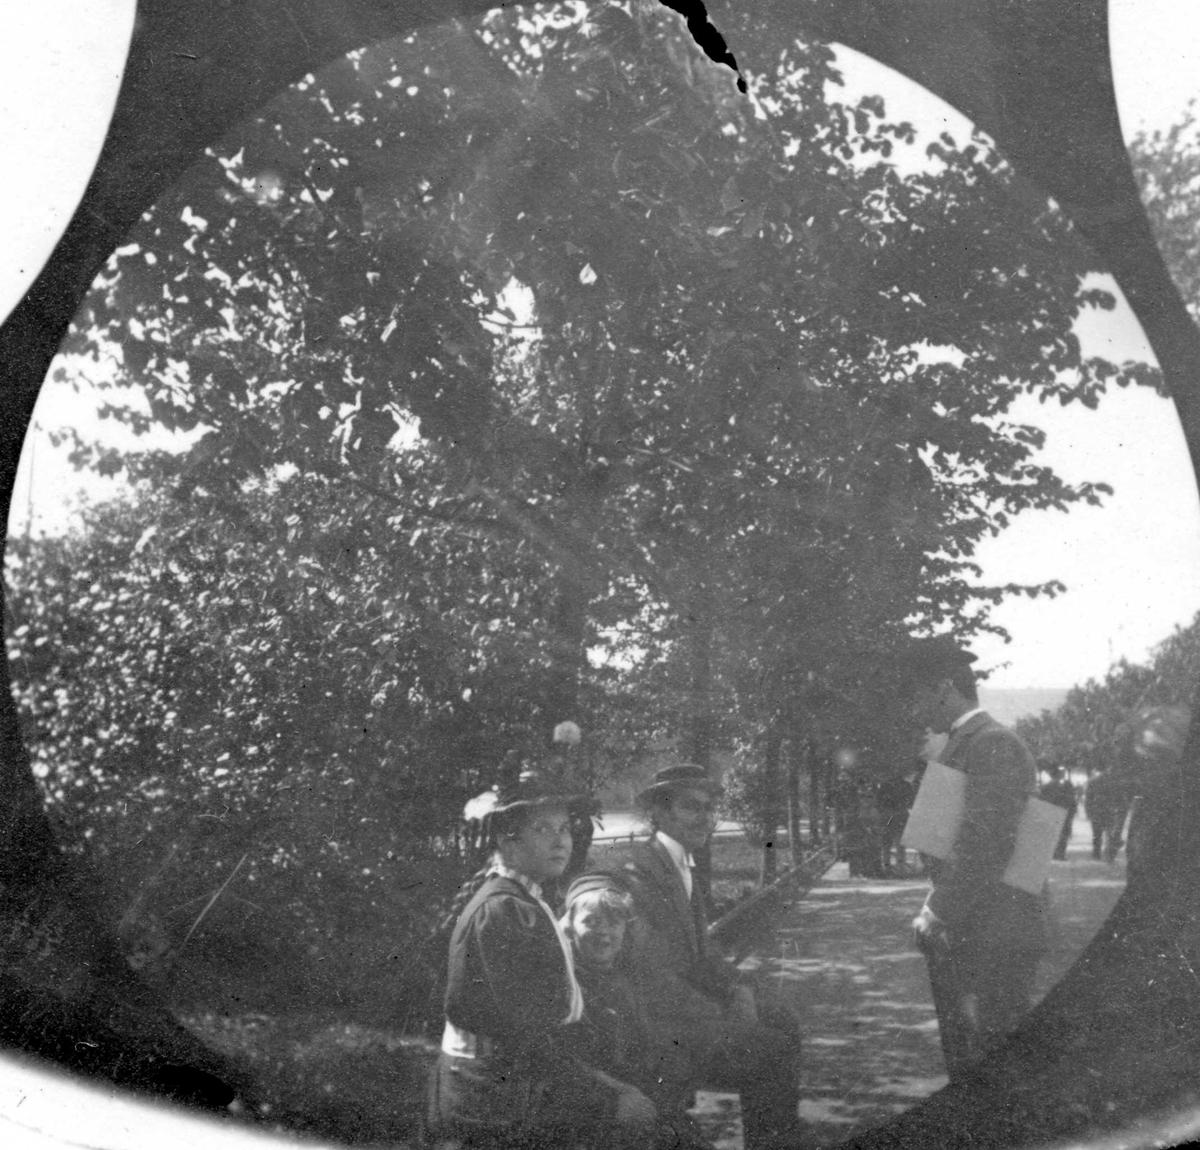 Mann, dame og et barn sitter på parkbenk. Mann står og prater.